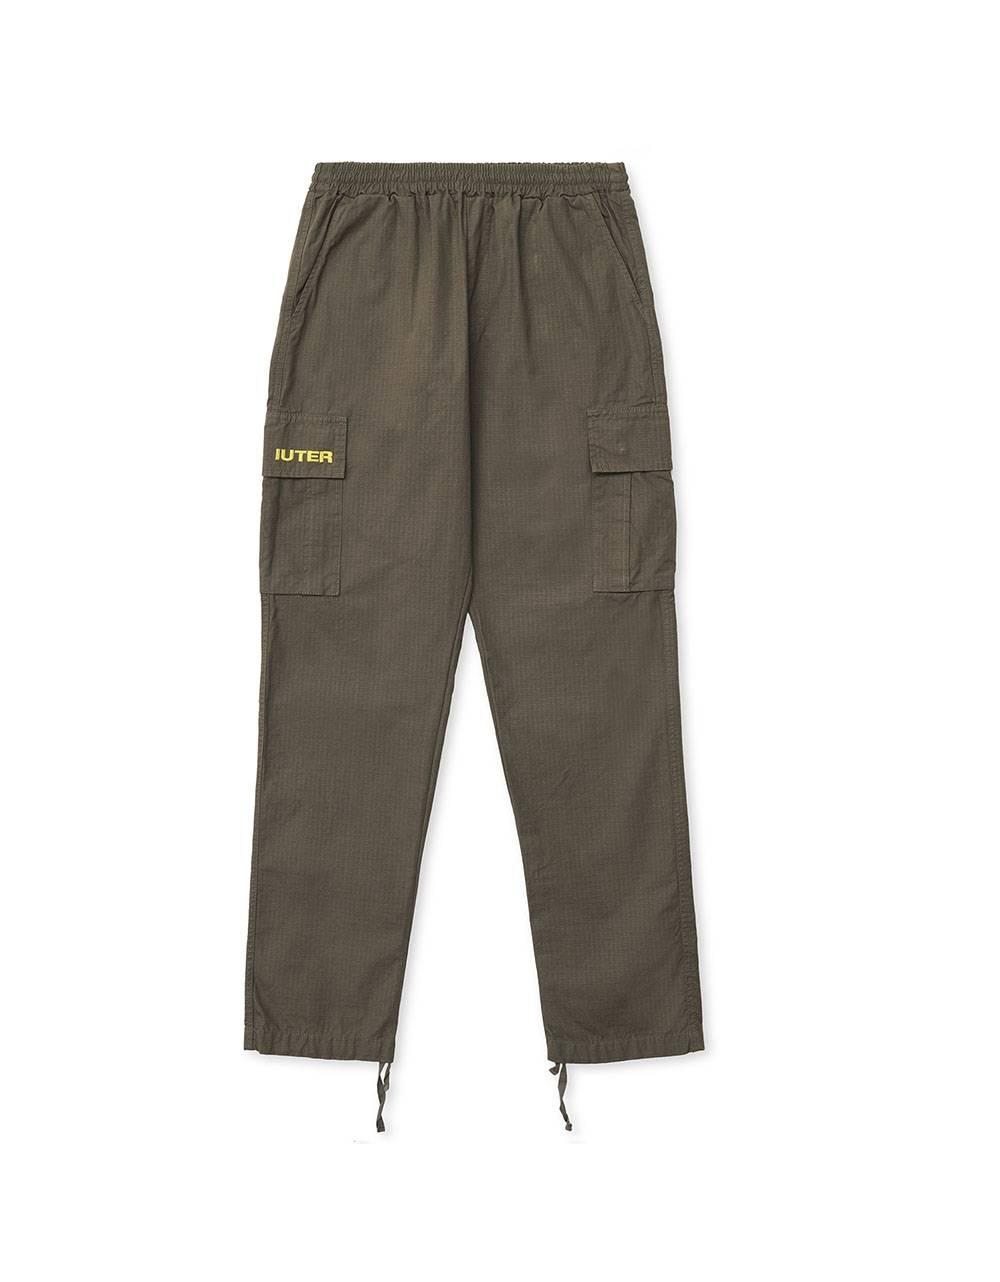 Iuter Cargo ripstop pants - Grey IUTER Pant 97,54€